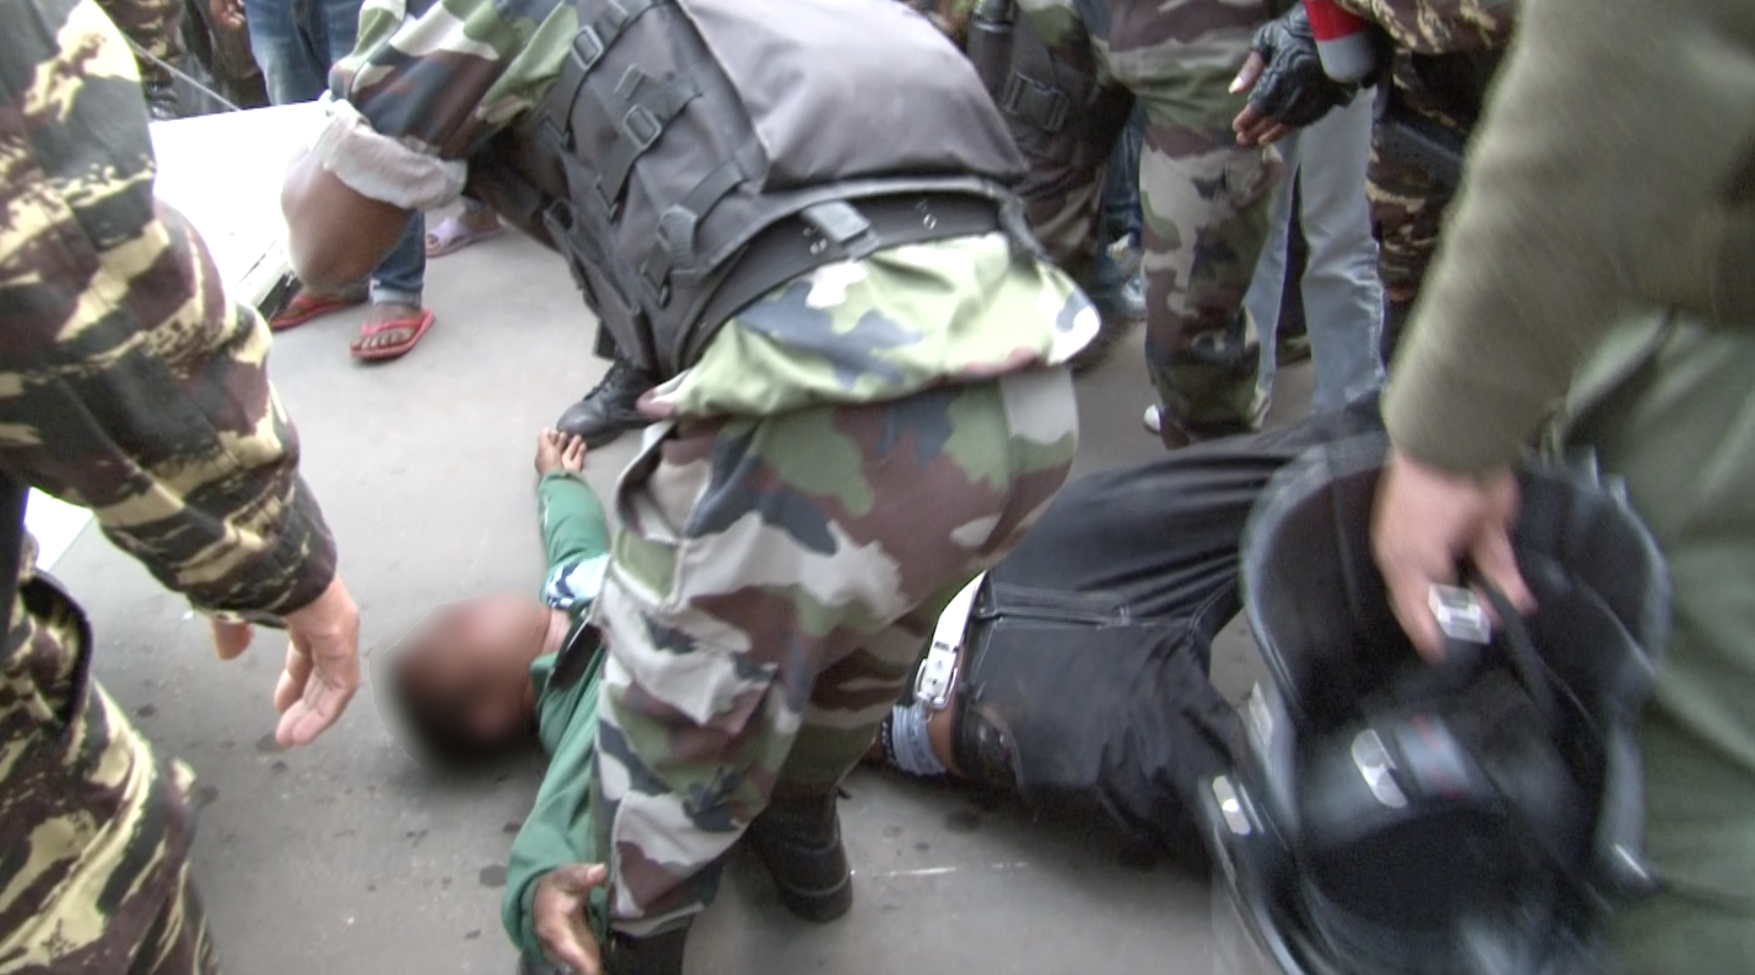 Le leader étudiant malmené par une dizaines de gendarmes le jour de son arrestation. Capture d'écran de la vidéo de Madagate, floutée par France 24.